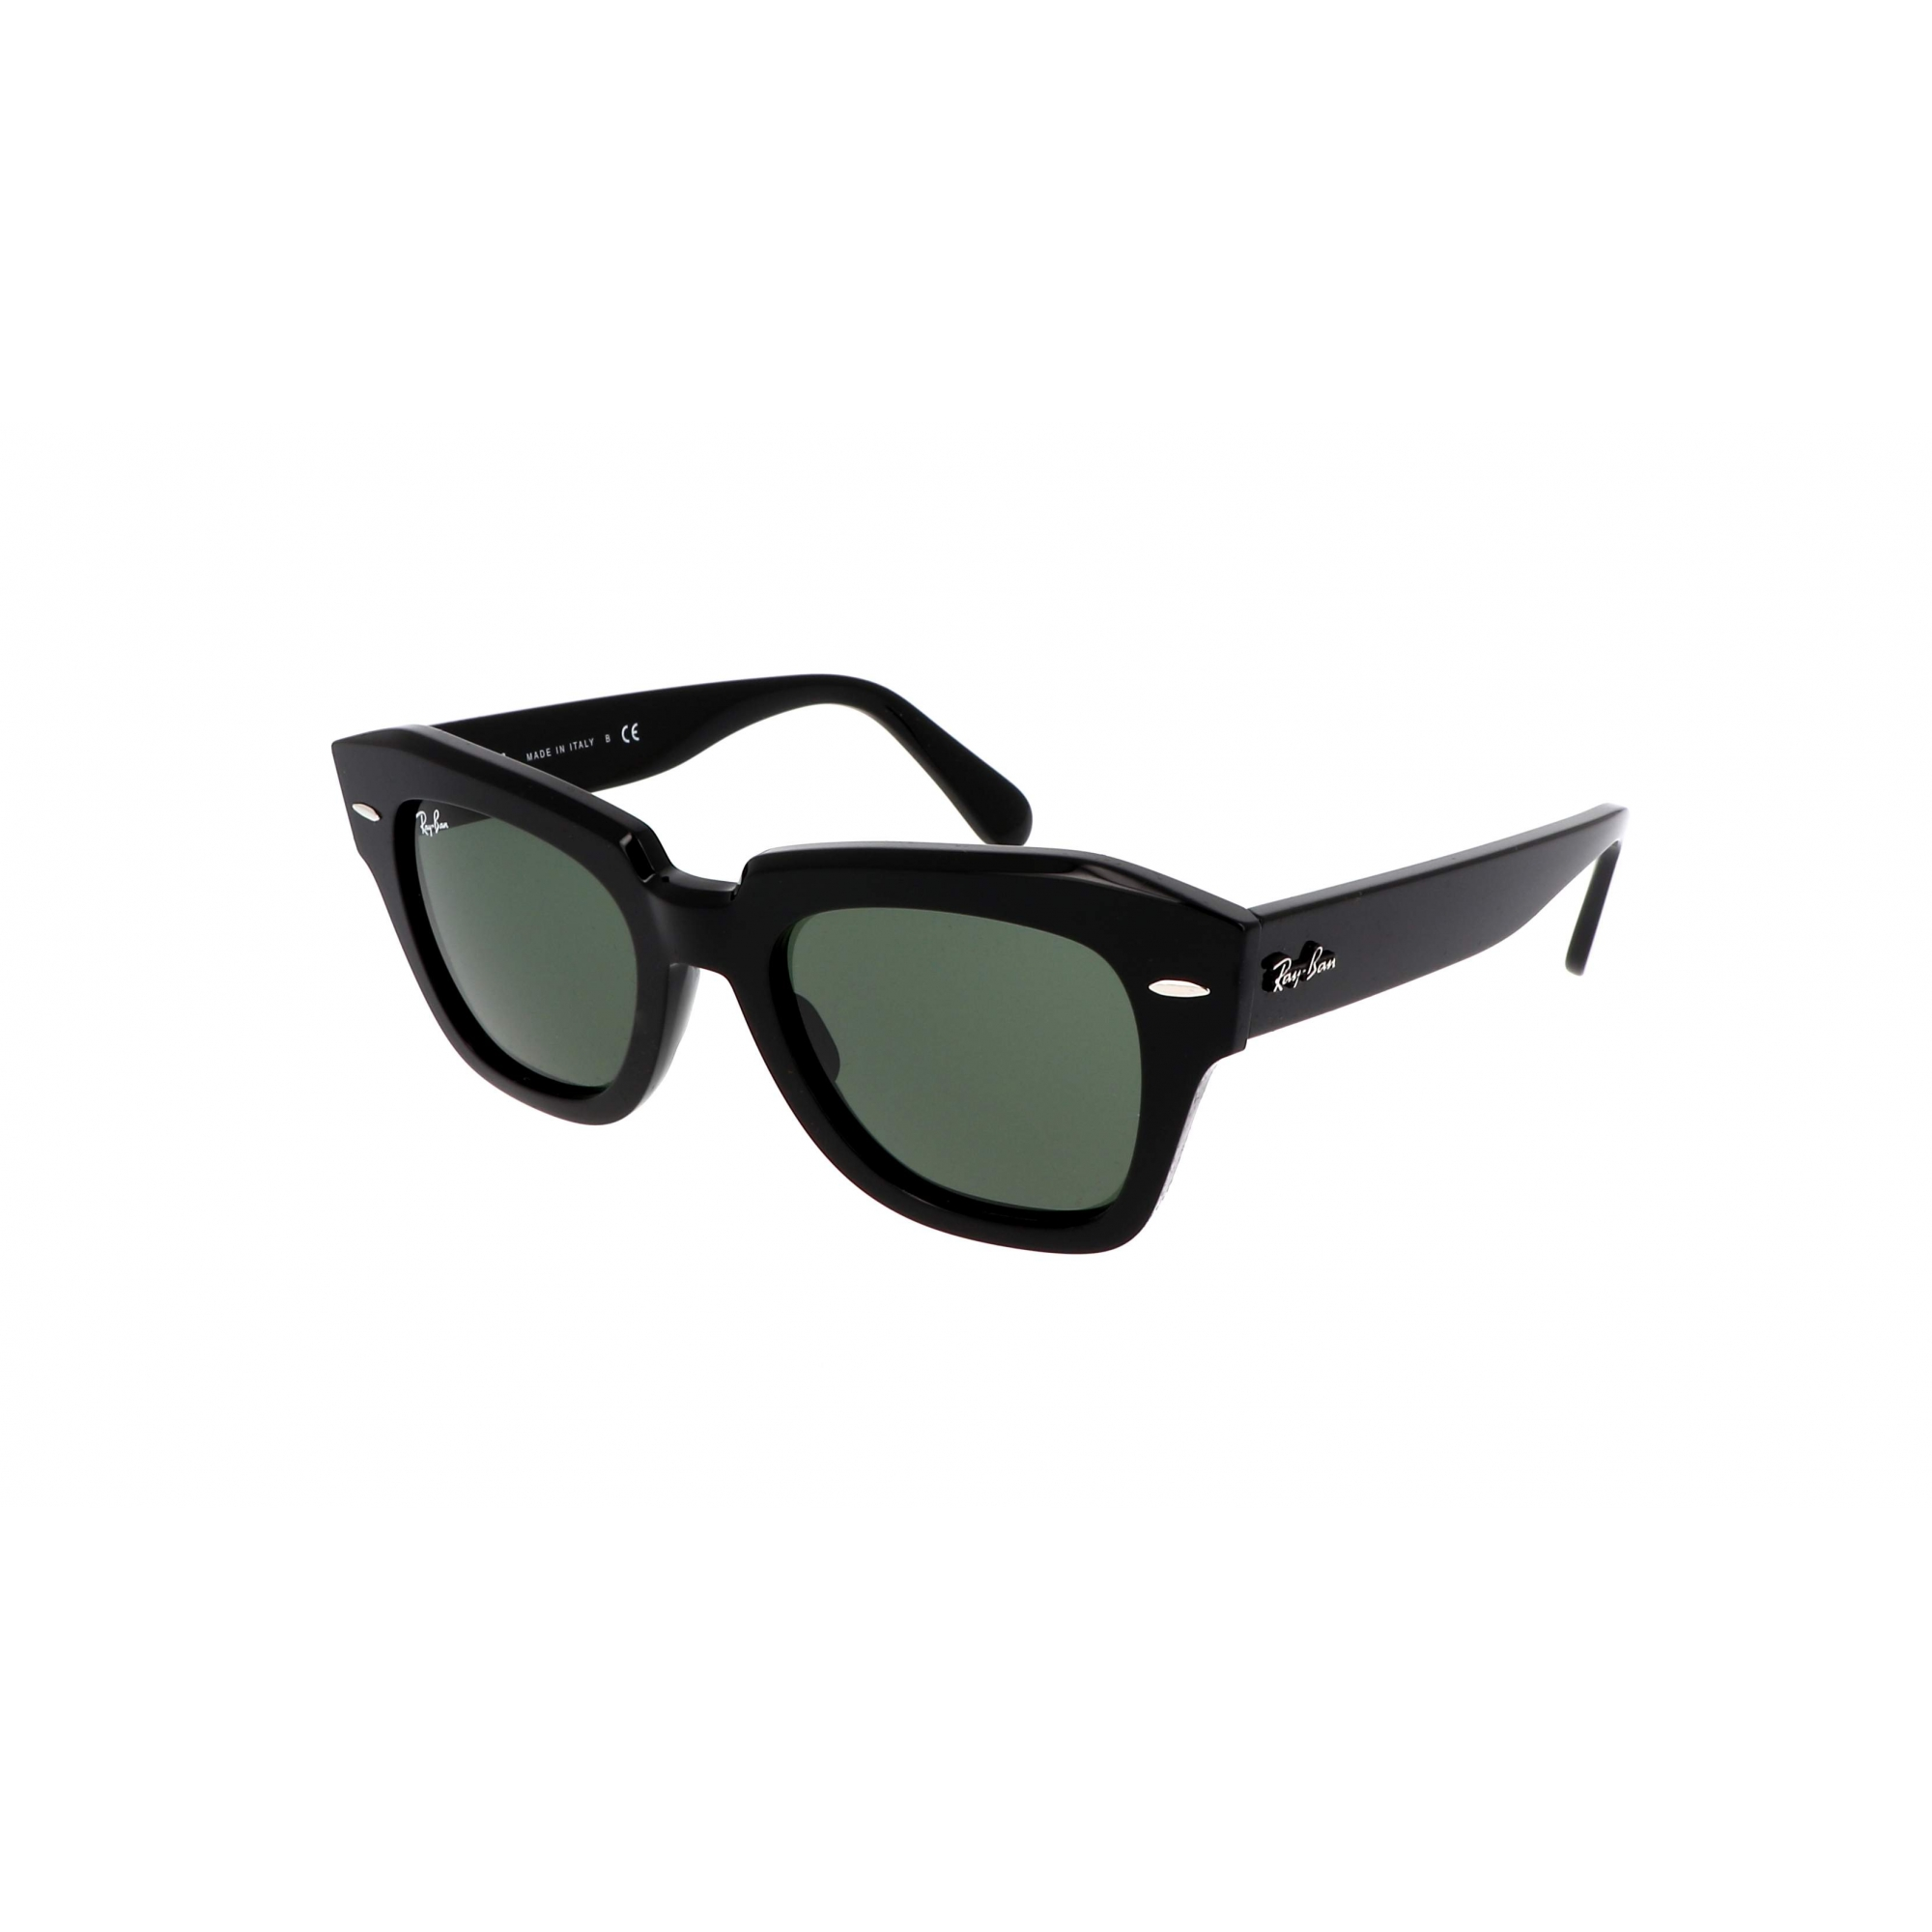 Óculos de Sol Ray-Ban State Street Preto RB2186 - 901/31/49